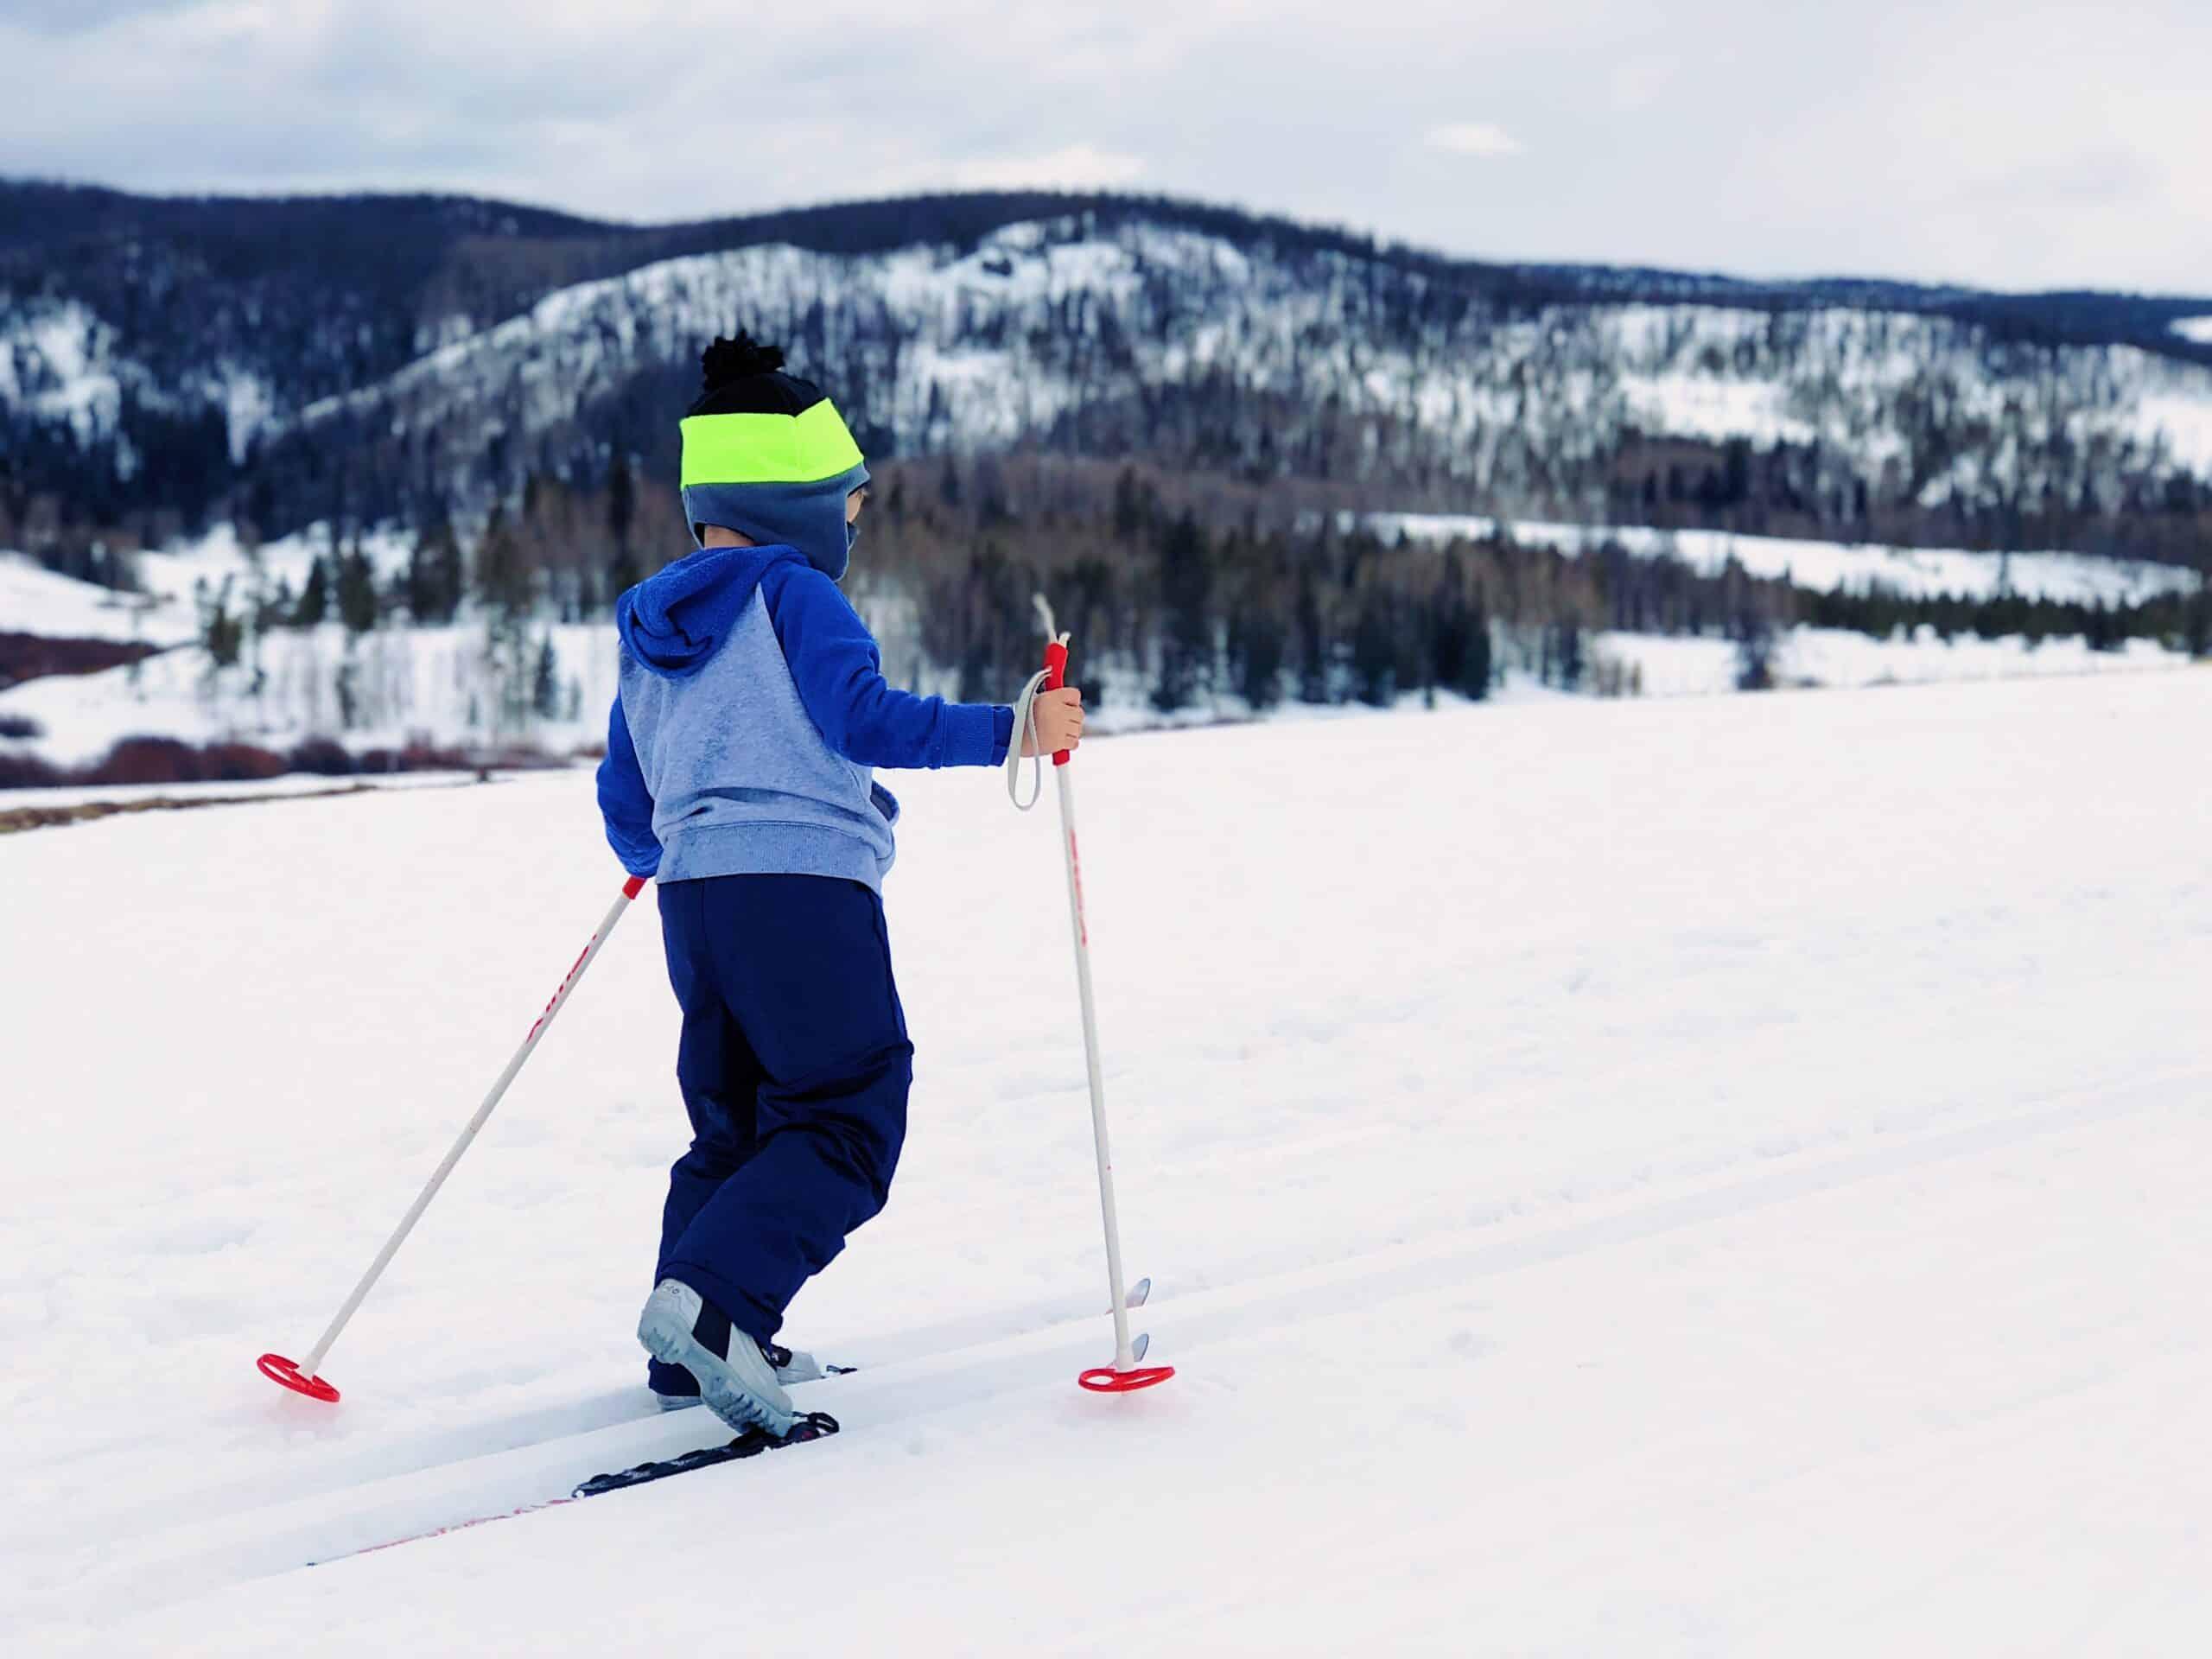 Kid on skiis